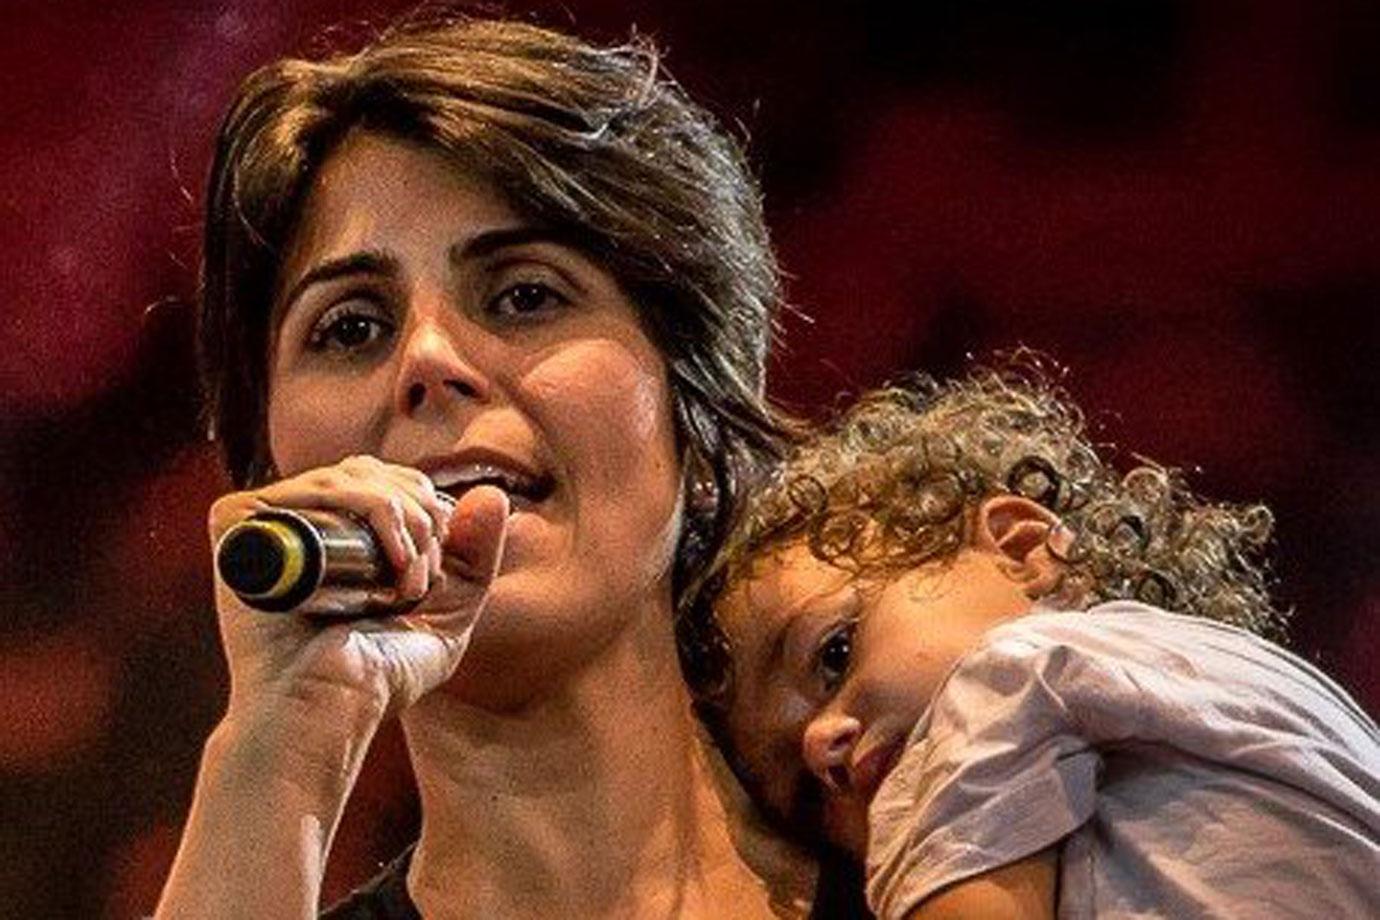 Cesárea política: Manuela D'Ávila ganha dano moral por crítica de médica no parto da filha; por Jomar Martins/Conjur